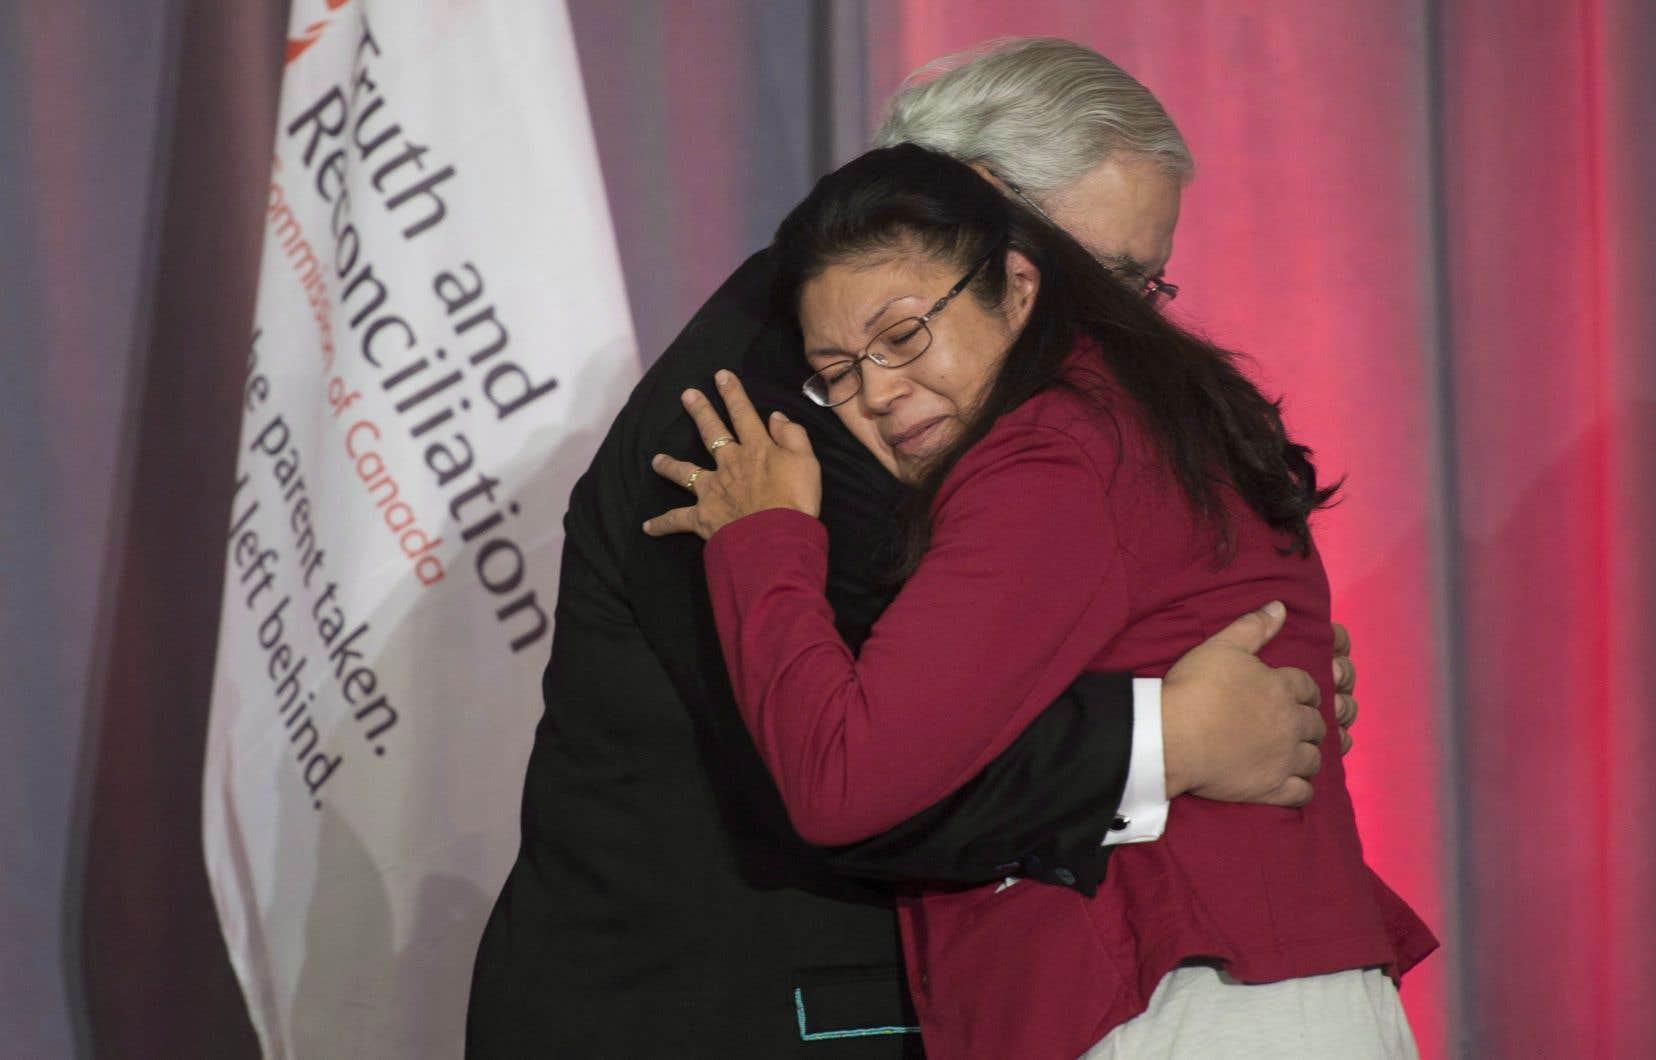 Le juge Murray Sinclair, qui présidait  la Commission sur la vérité et la réconciliation du Canada, étreint ici Madeleine Basile après son témoignage lors de la présentation  du rapport final. À la suite du dépôt  du rapport, en décembre2015, beaucoup de fondations ont aussi compris l'urgence de bâtir des ponts avec les communautés autochtones.